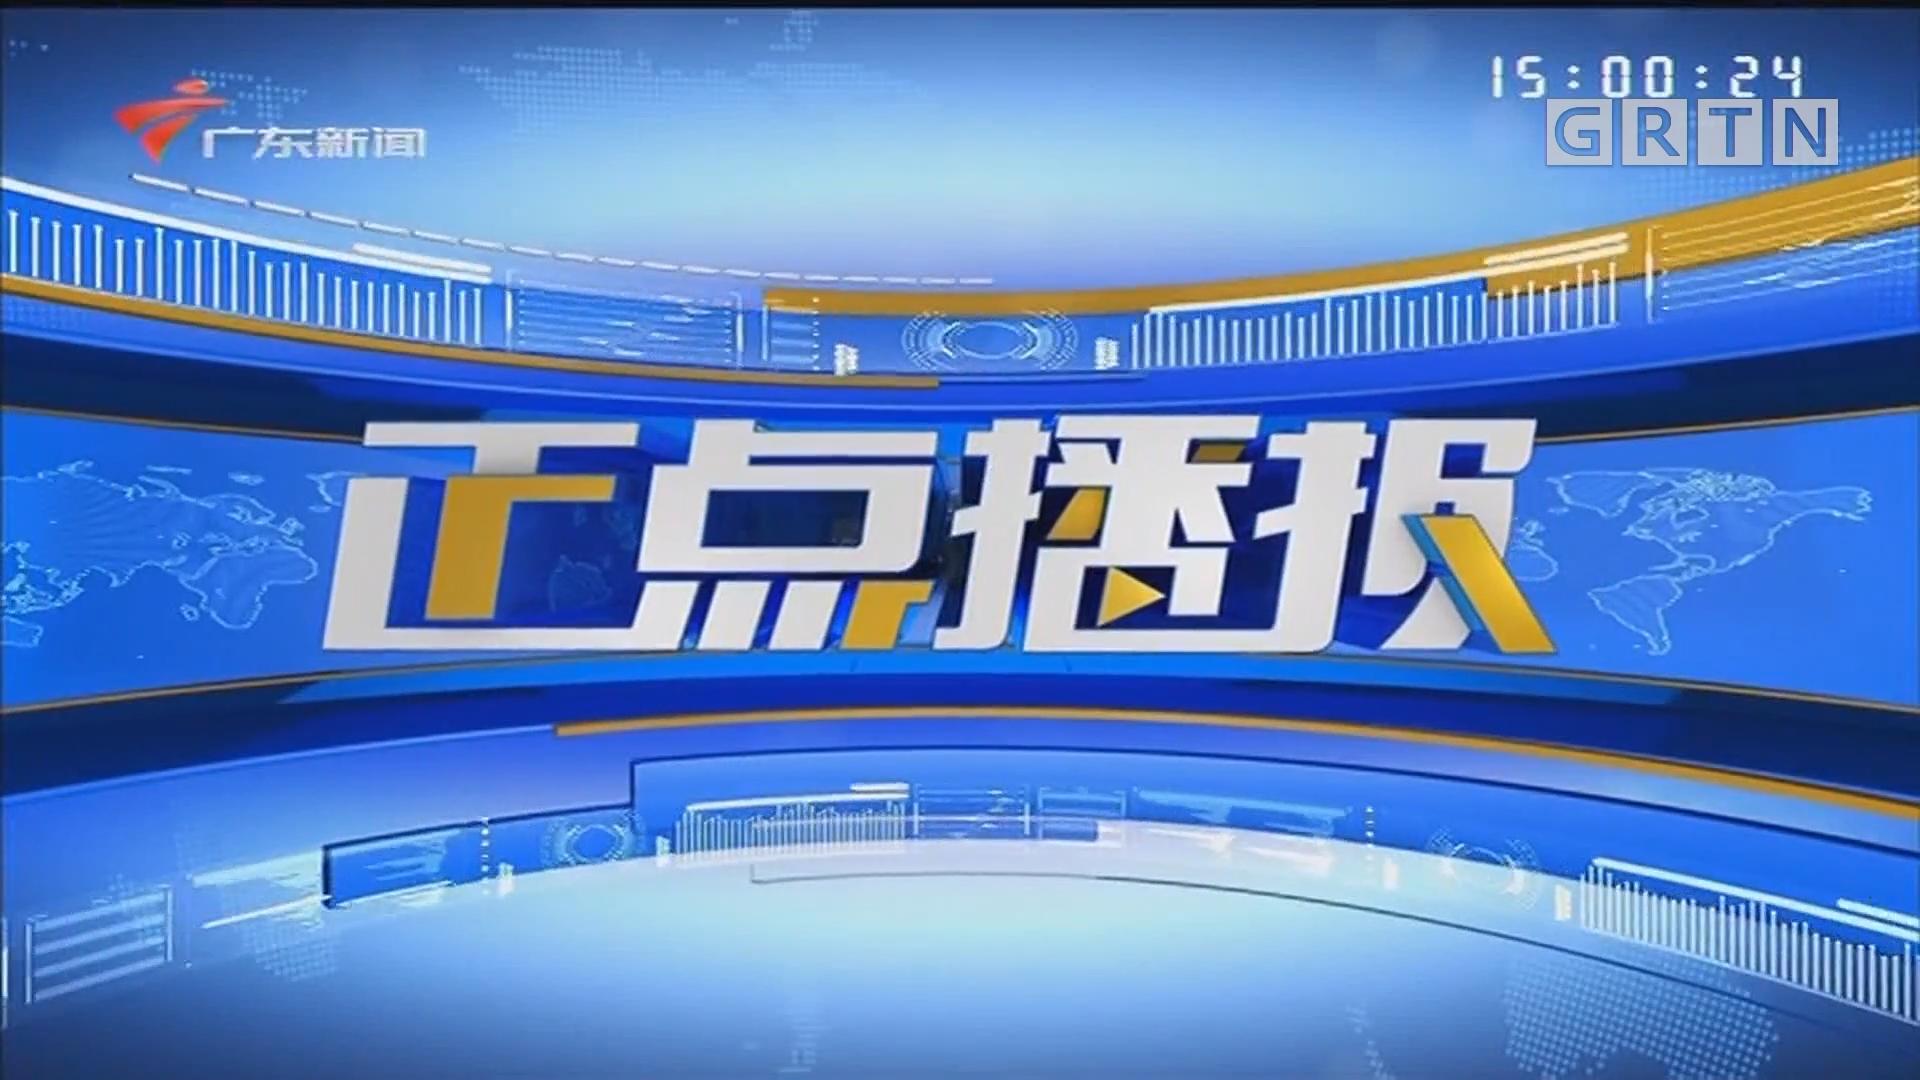 [HD][2019-12-15-15:00]正点播报:广州沙河涌黑臭事件追踪:净水厂恢复正常运作 溢流口已无污水流出